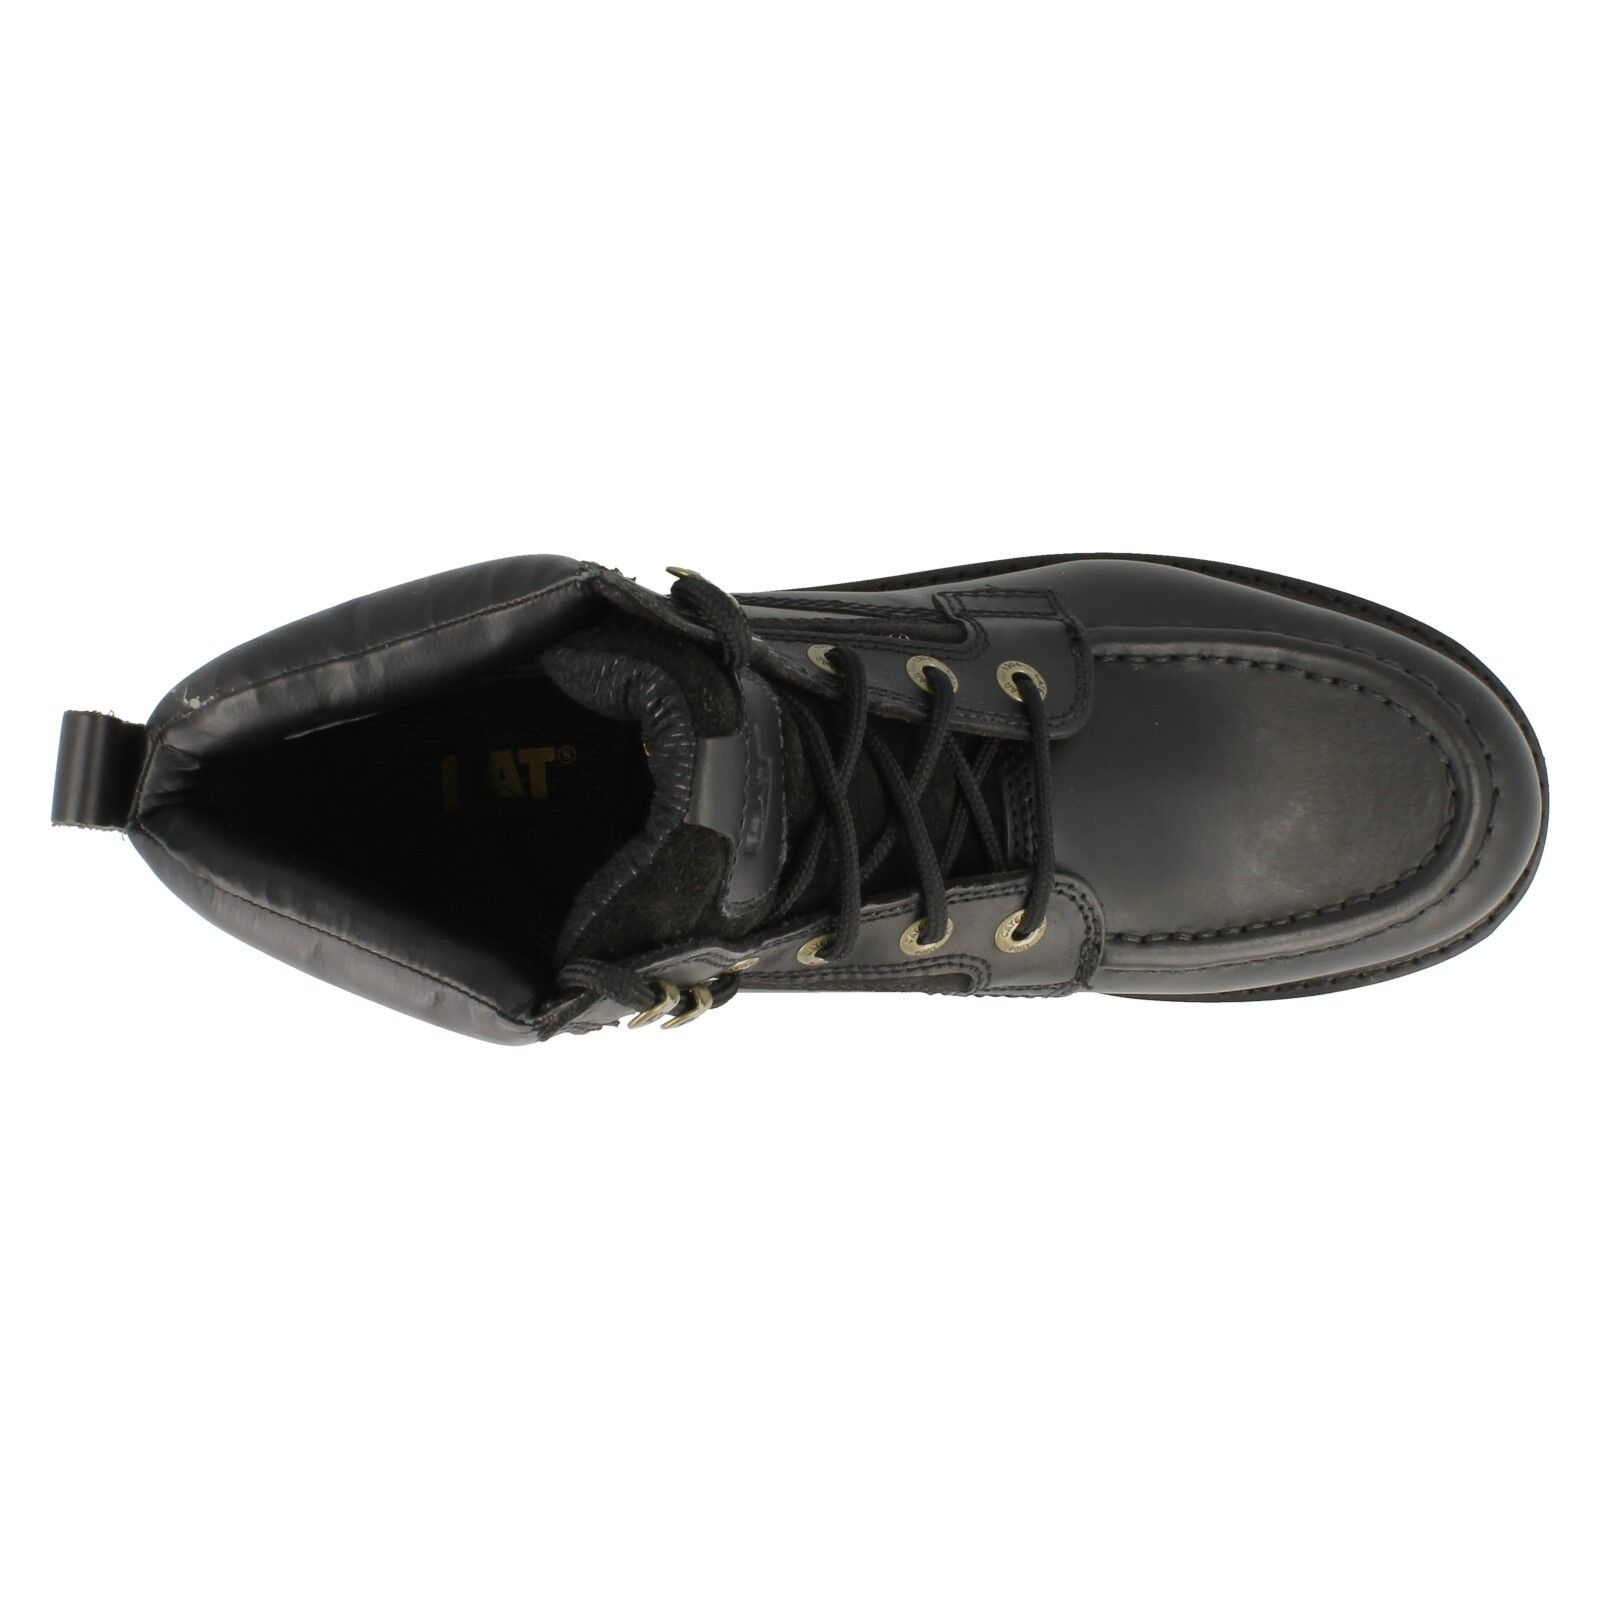 Transposer lacets Caterpillar hommes à lacets Transposer cuir noir marron MARCHE 32511a